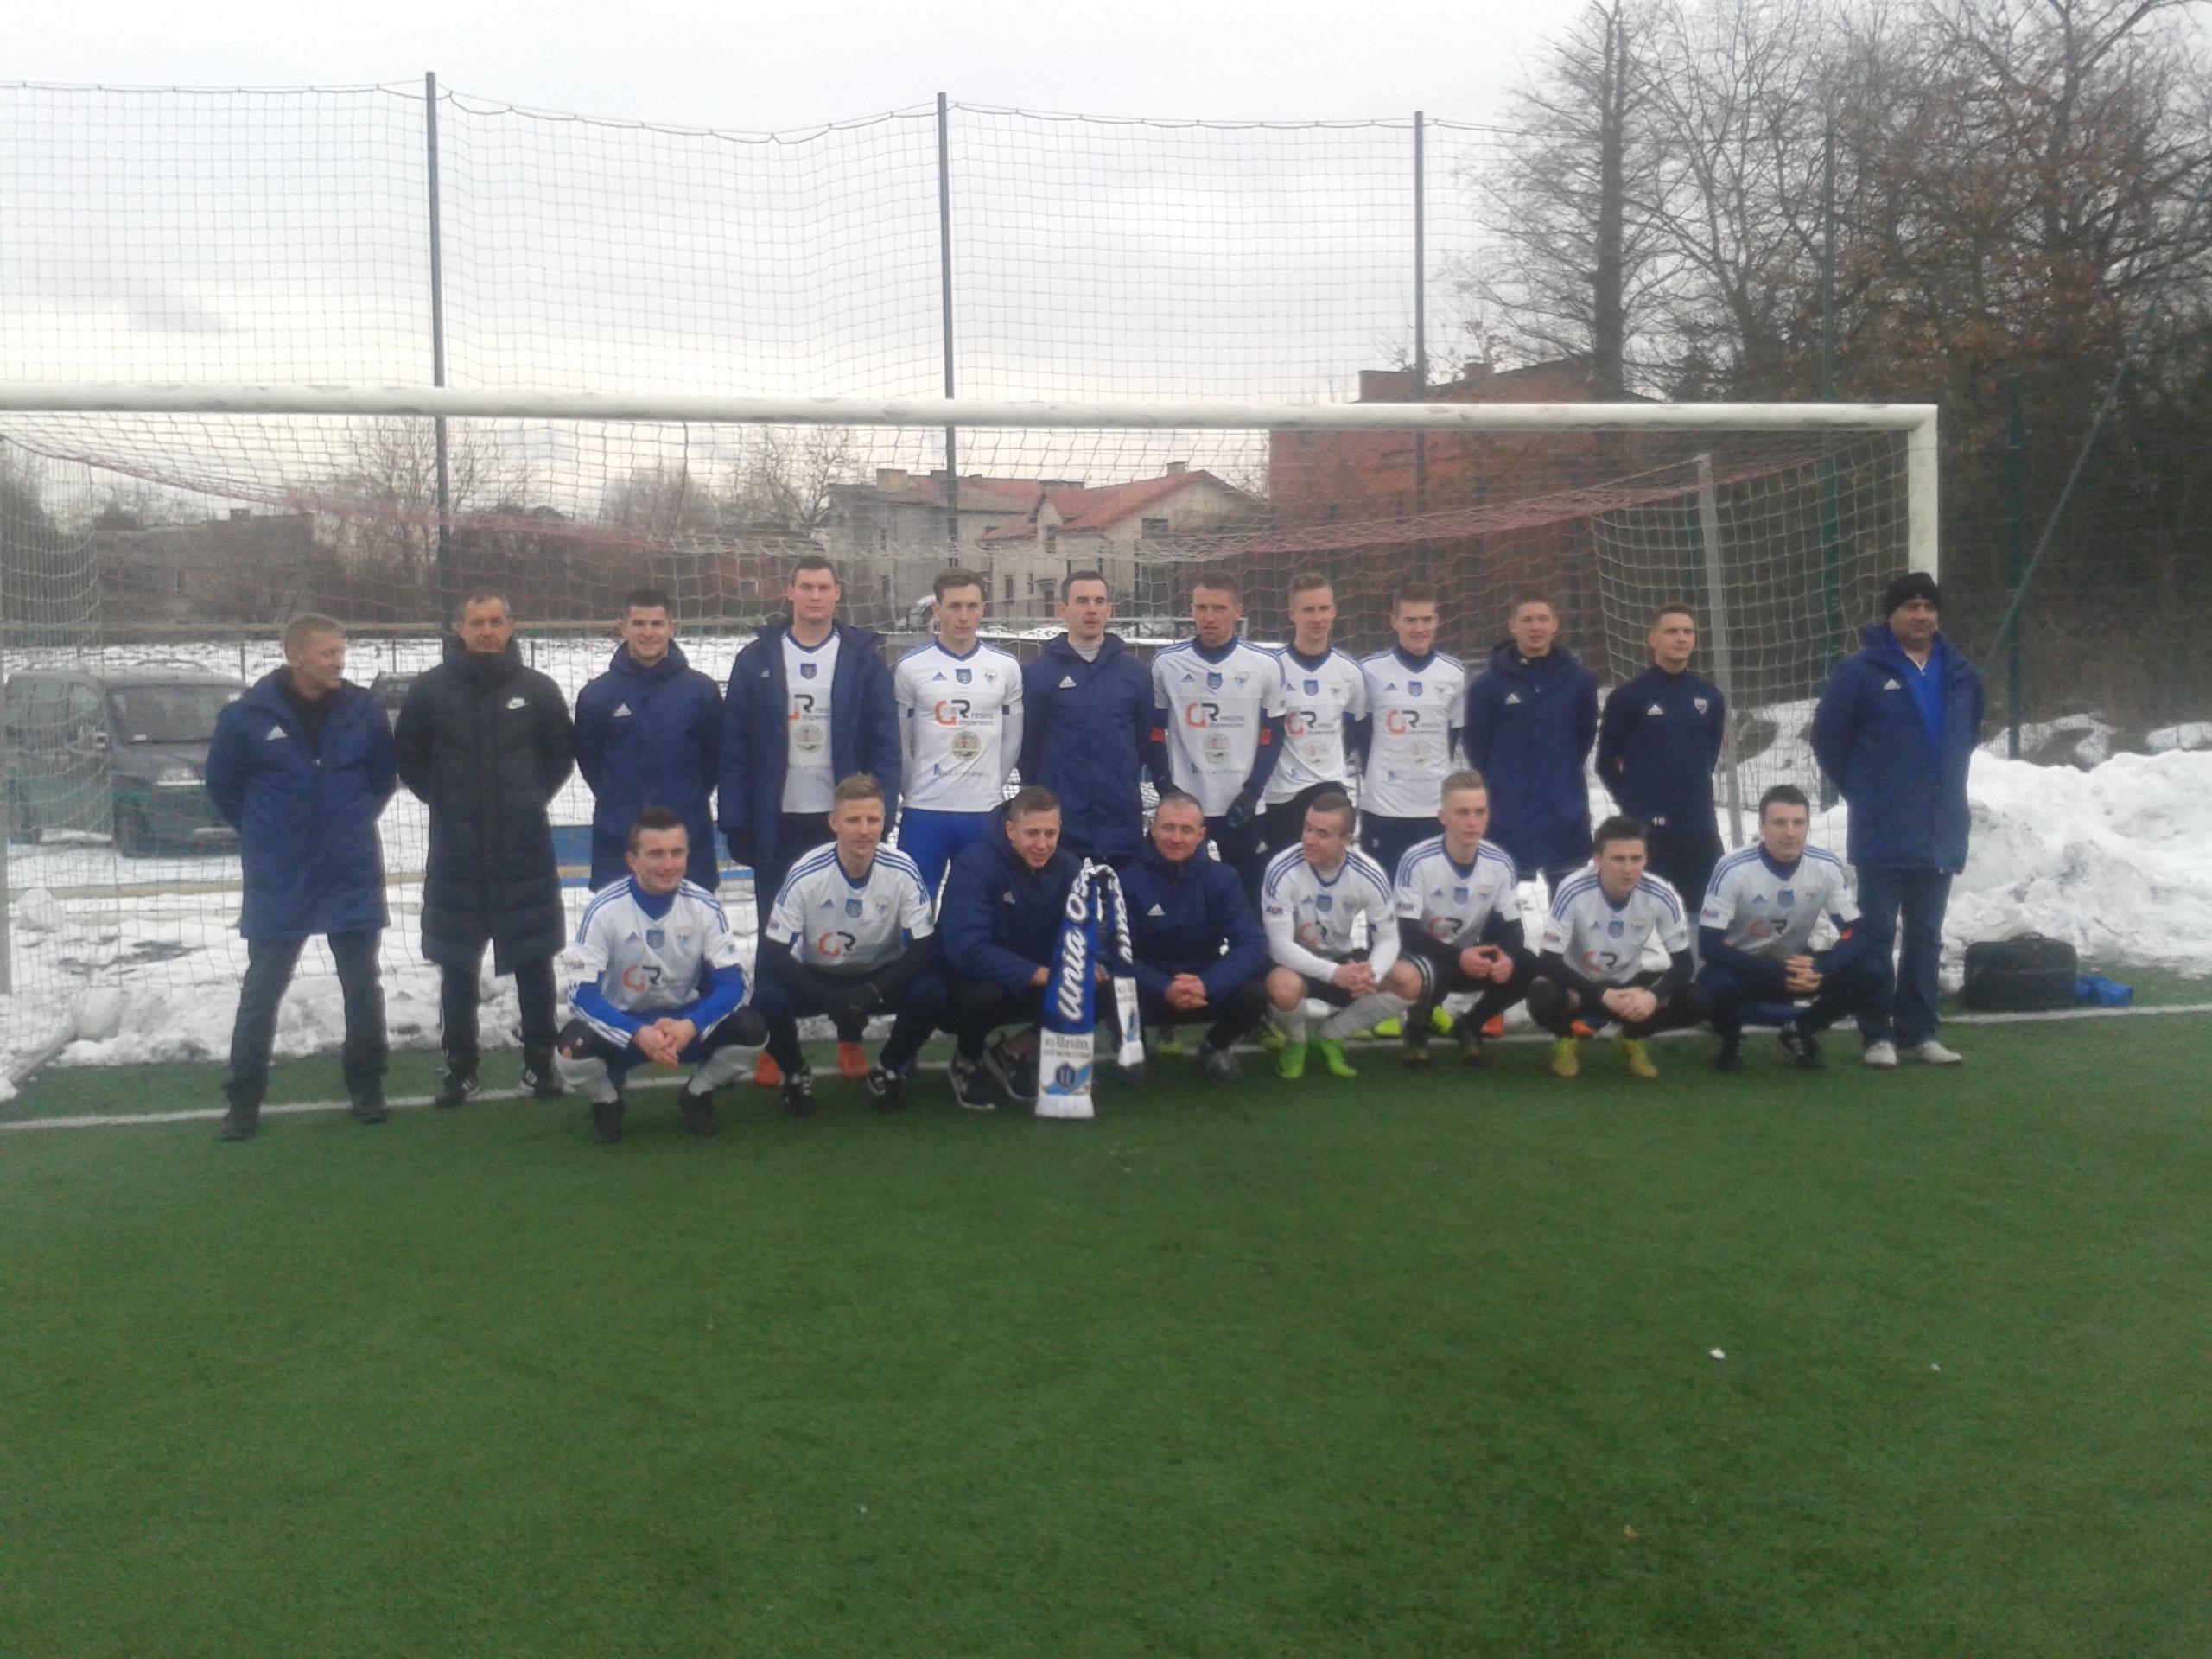 Piłkarze oświęcimskiej Unii zmierzą się jutro na sztucznej nawierzchni w Chełmku z Rajskiem. Fot. (png)